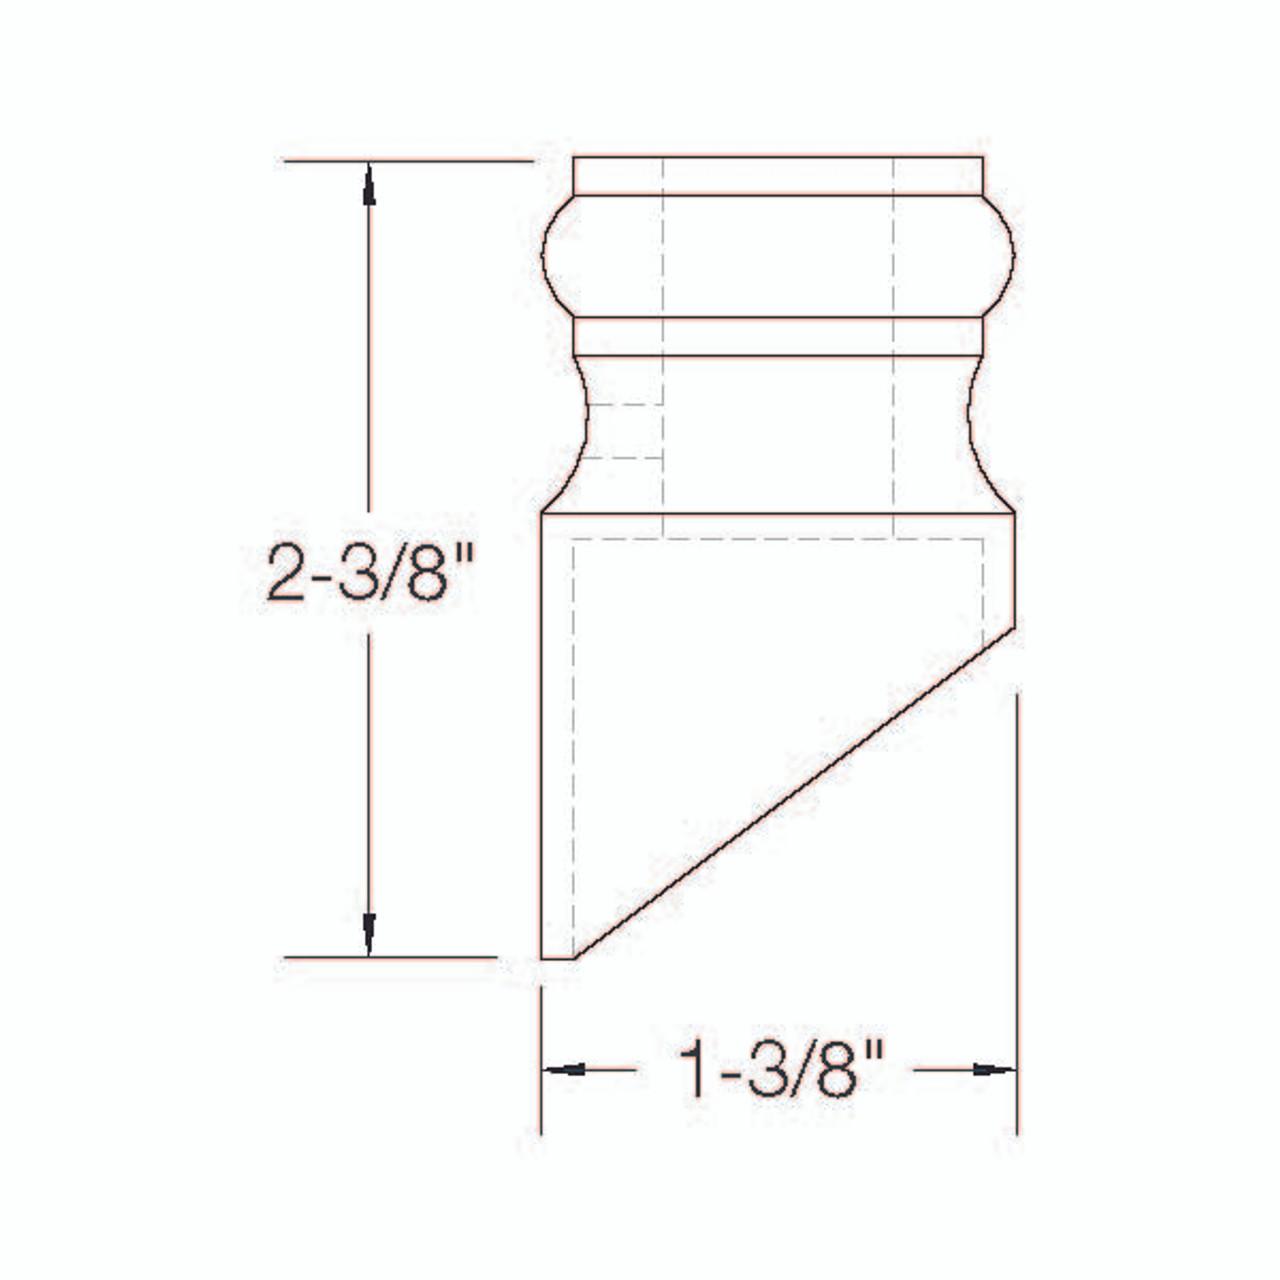 2GR904 Slated Shoe Dimensional Information